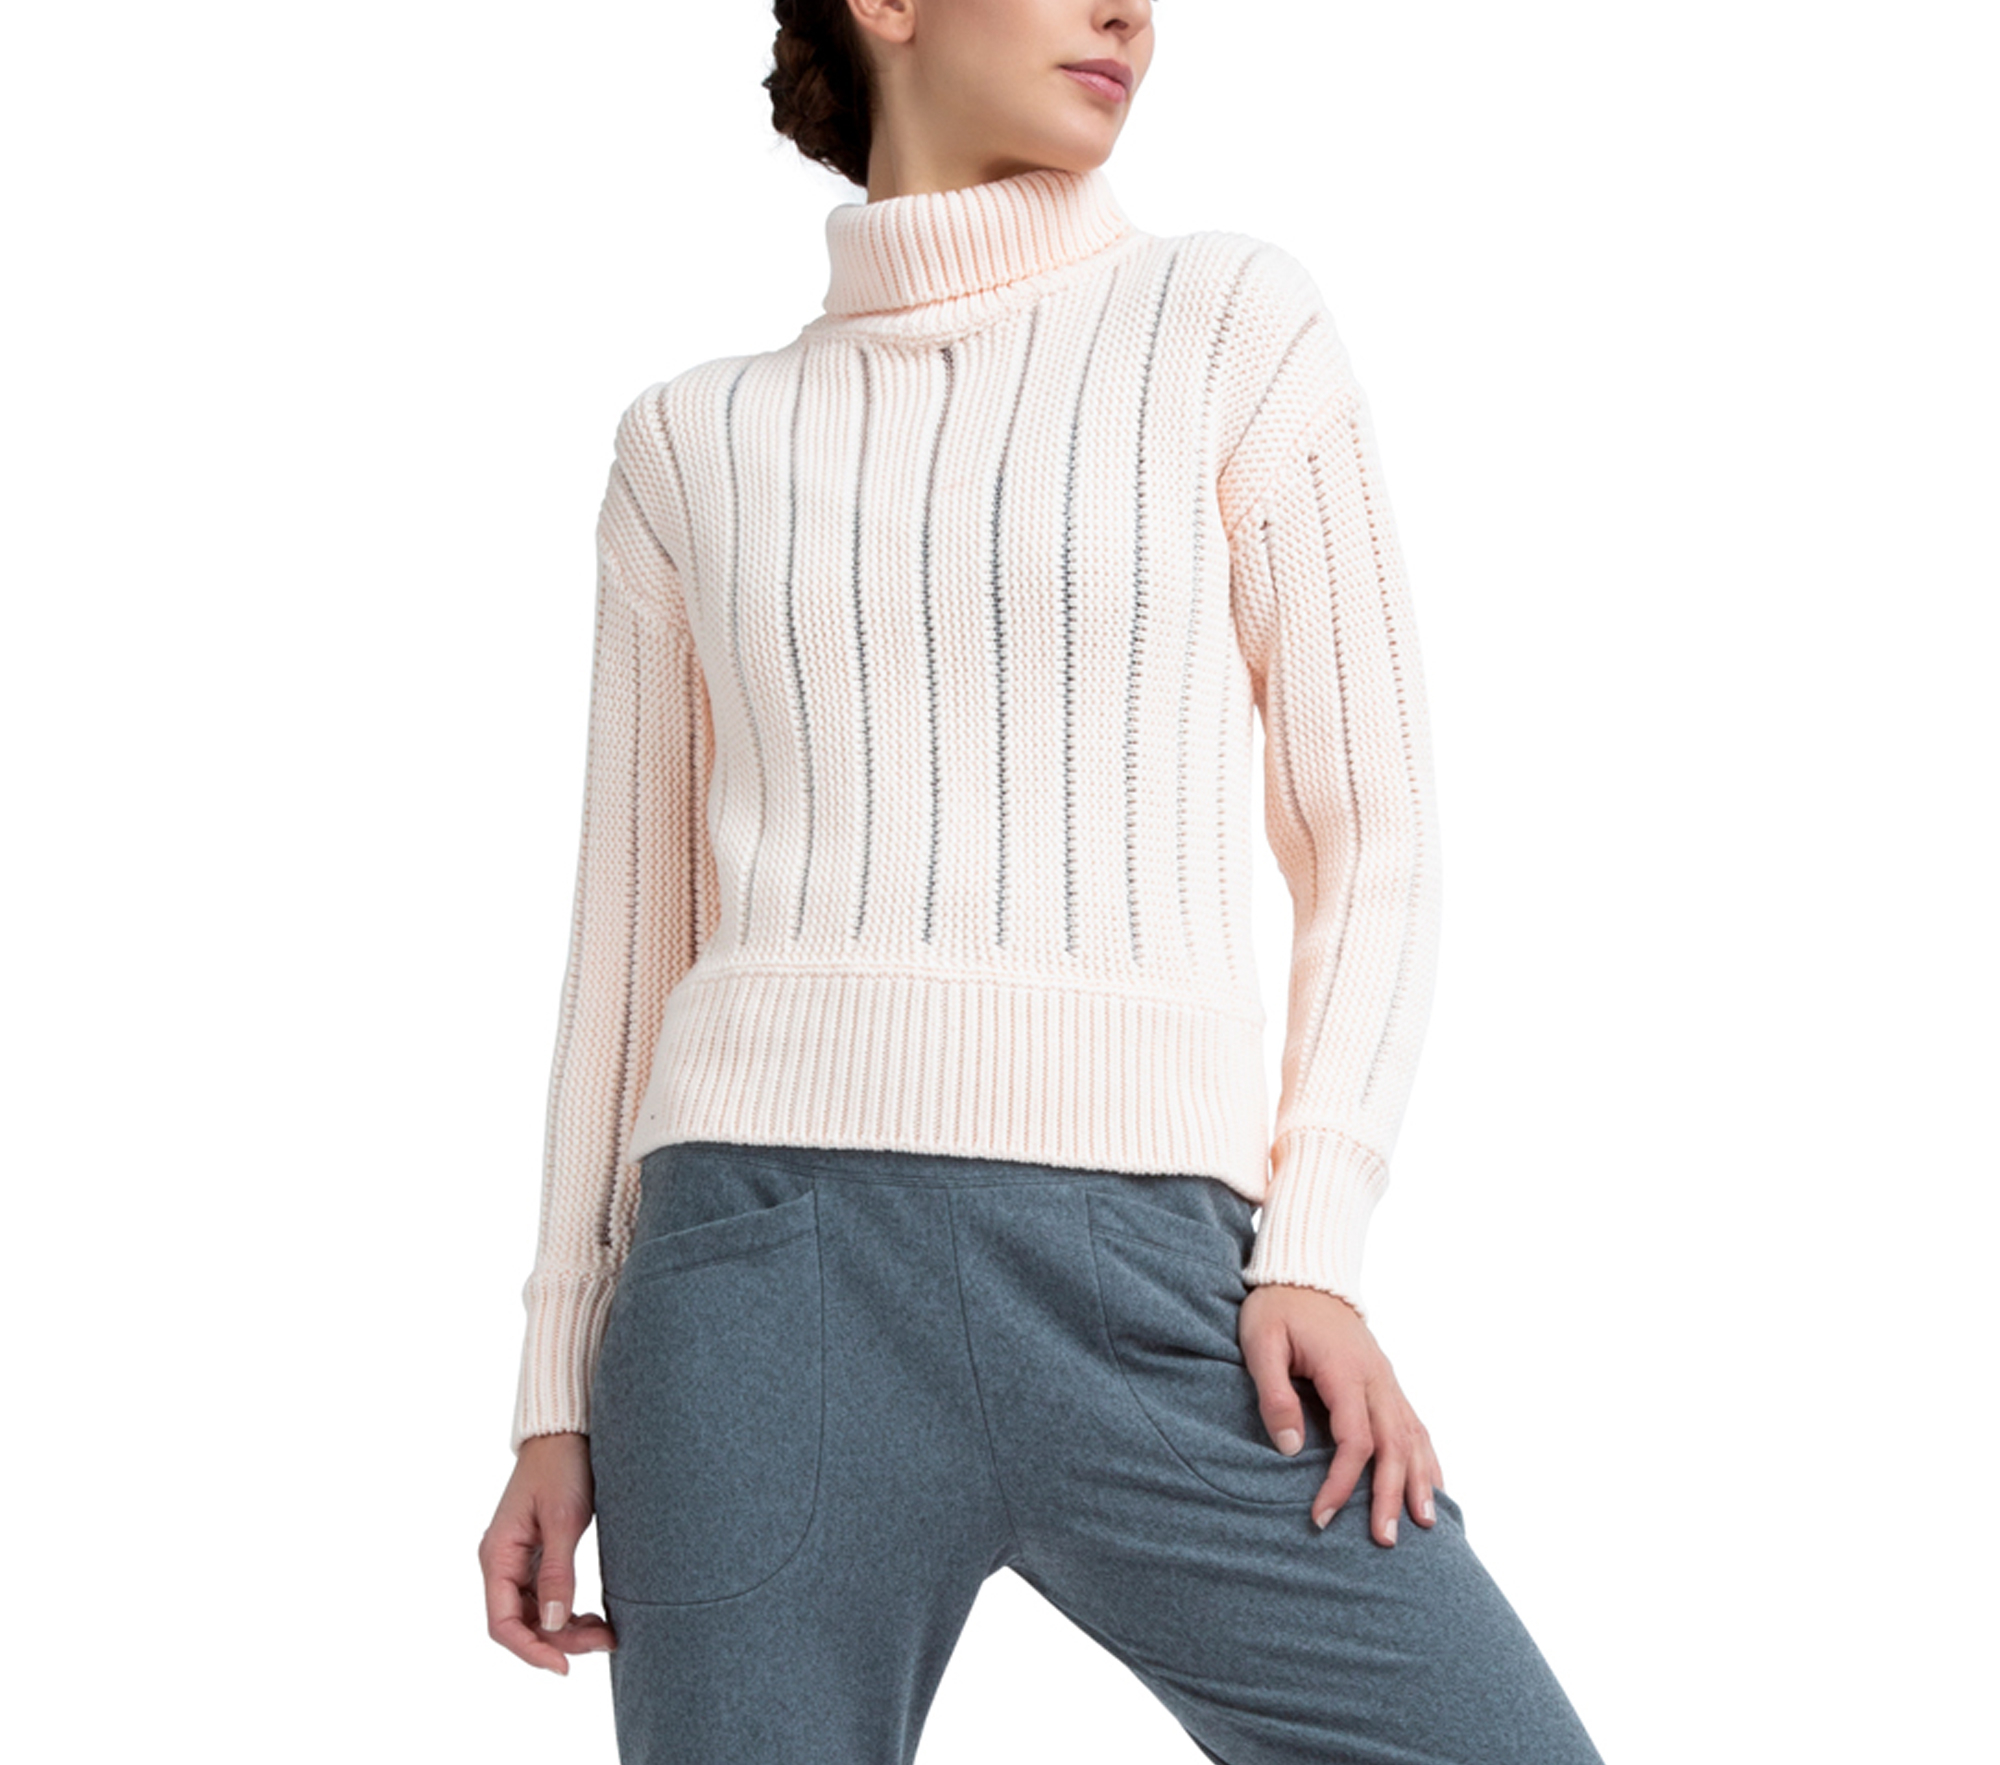 Fancy knit sweater